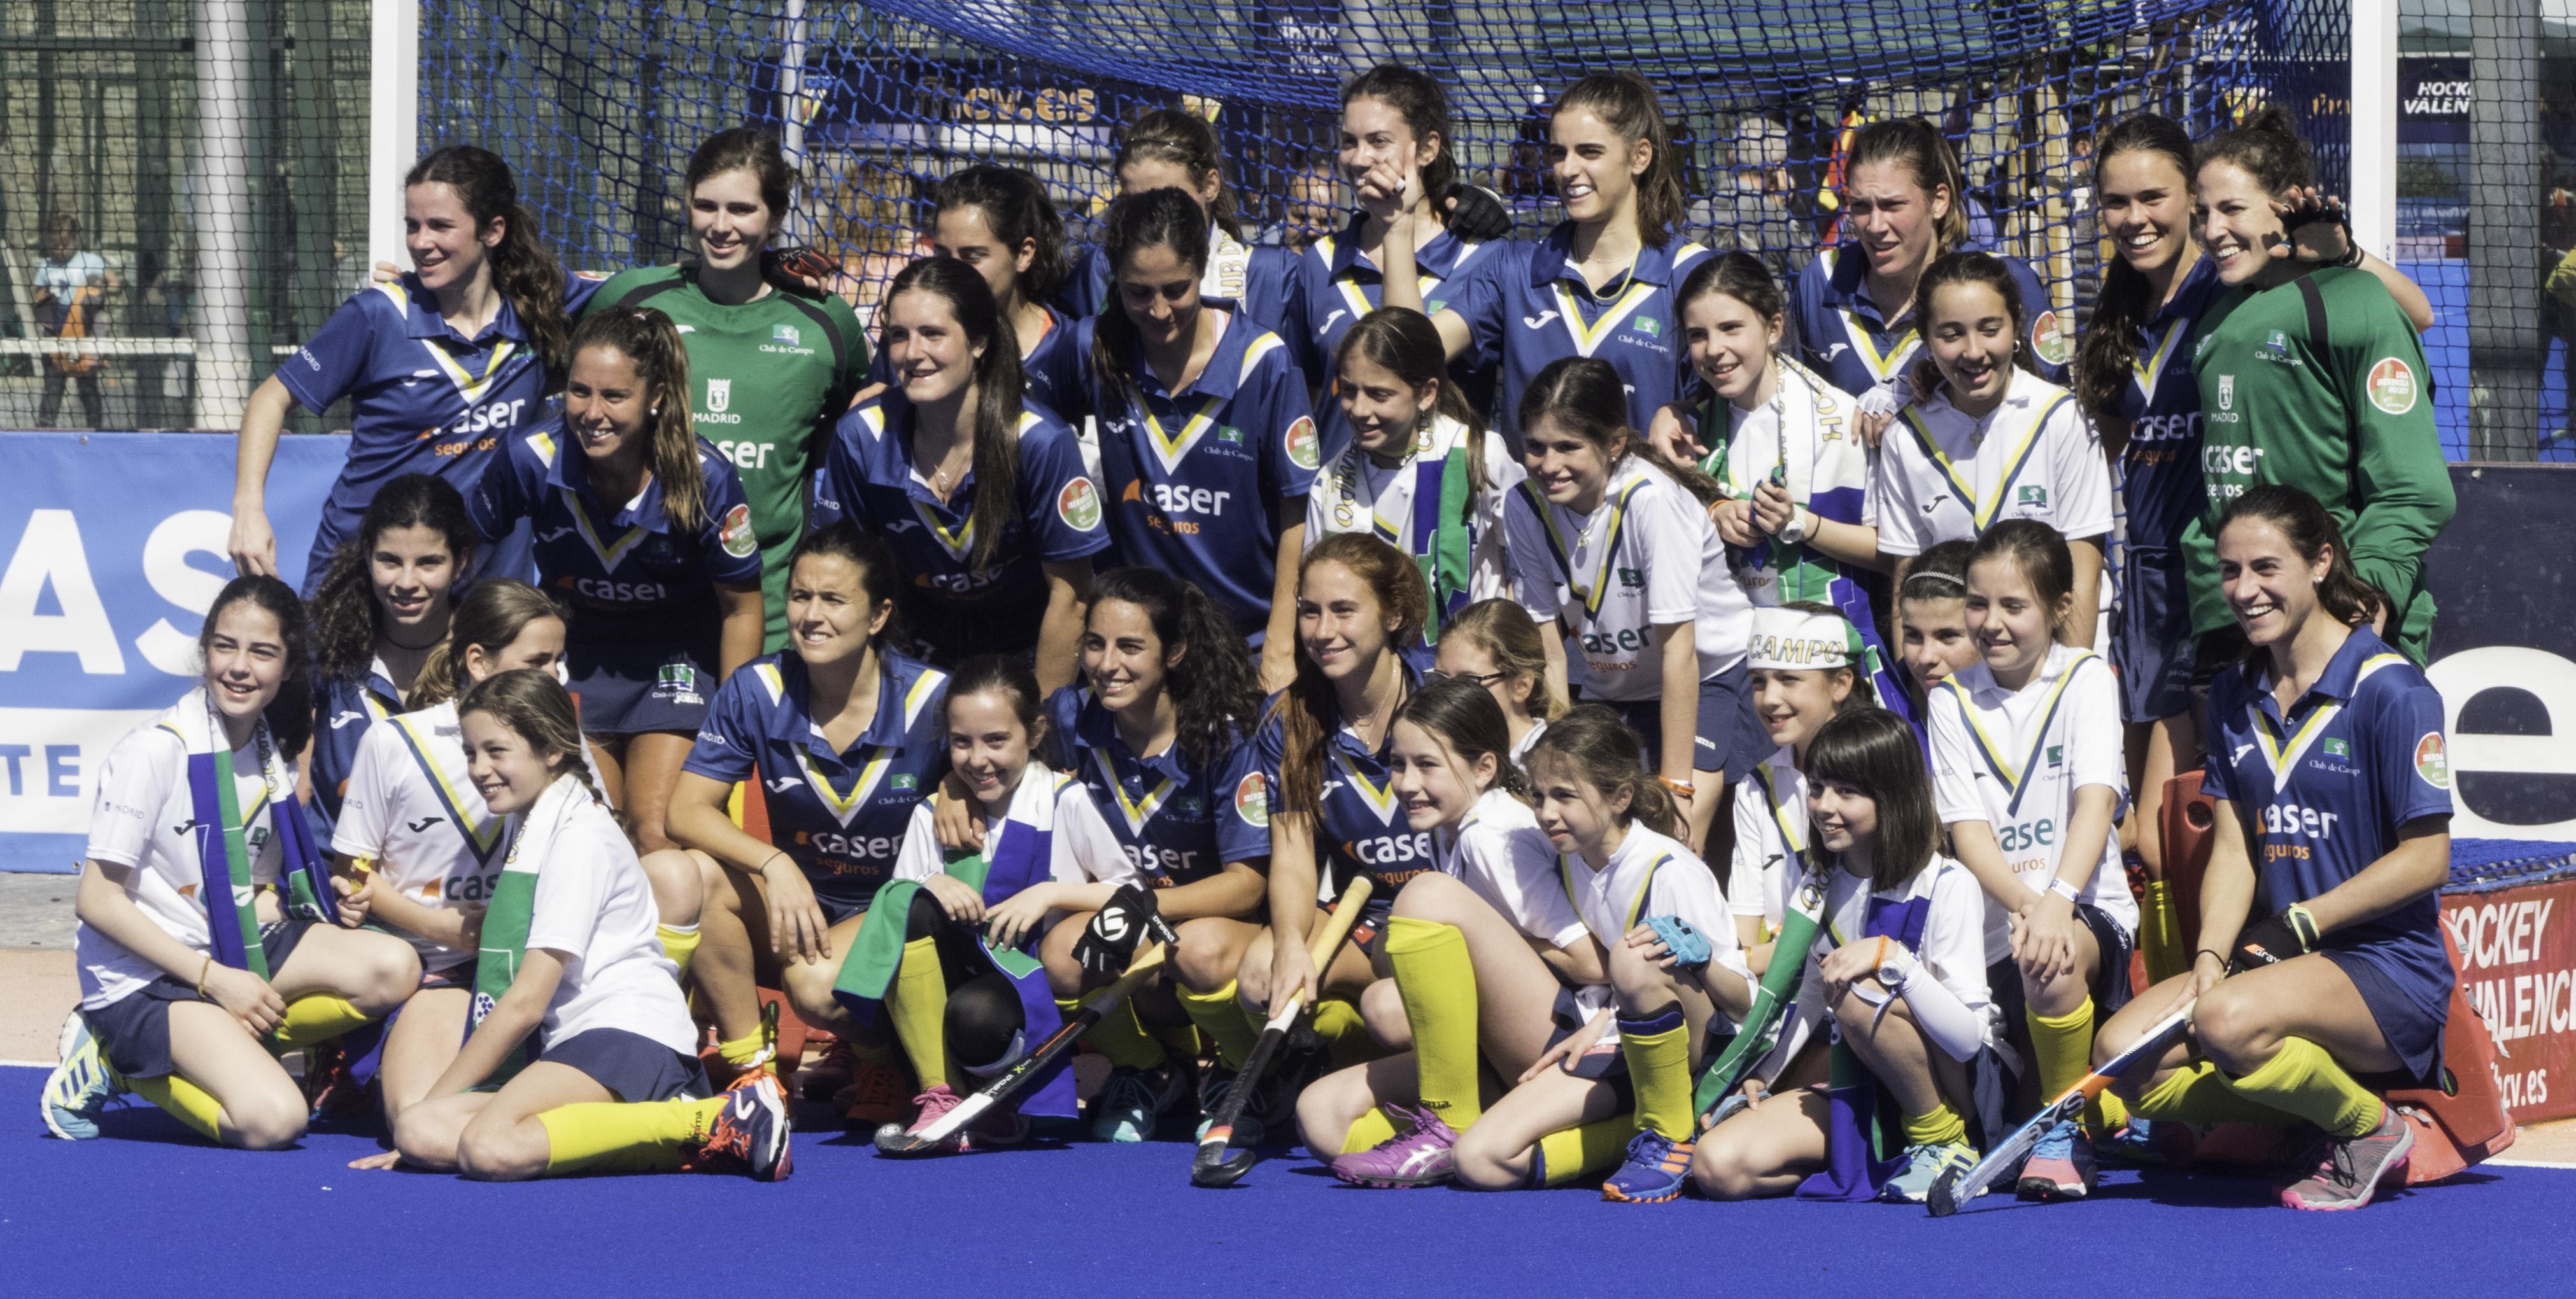 Las jugadoras del Club de Campo celebran el pase a la final con la hinchada. Foto: Ignacio Monsalve